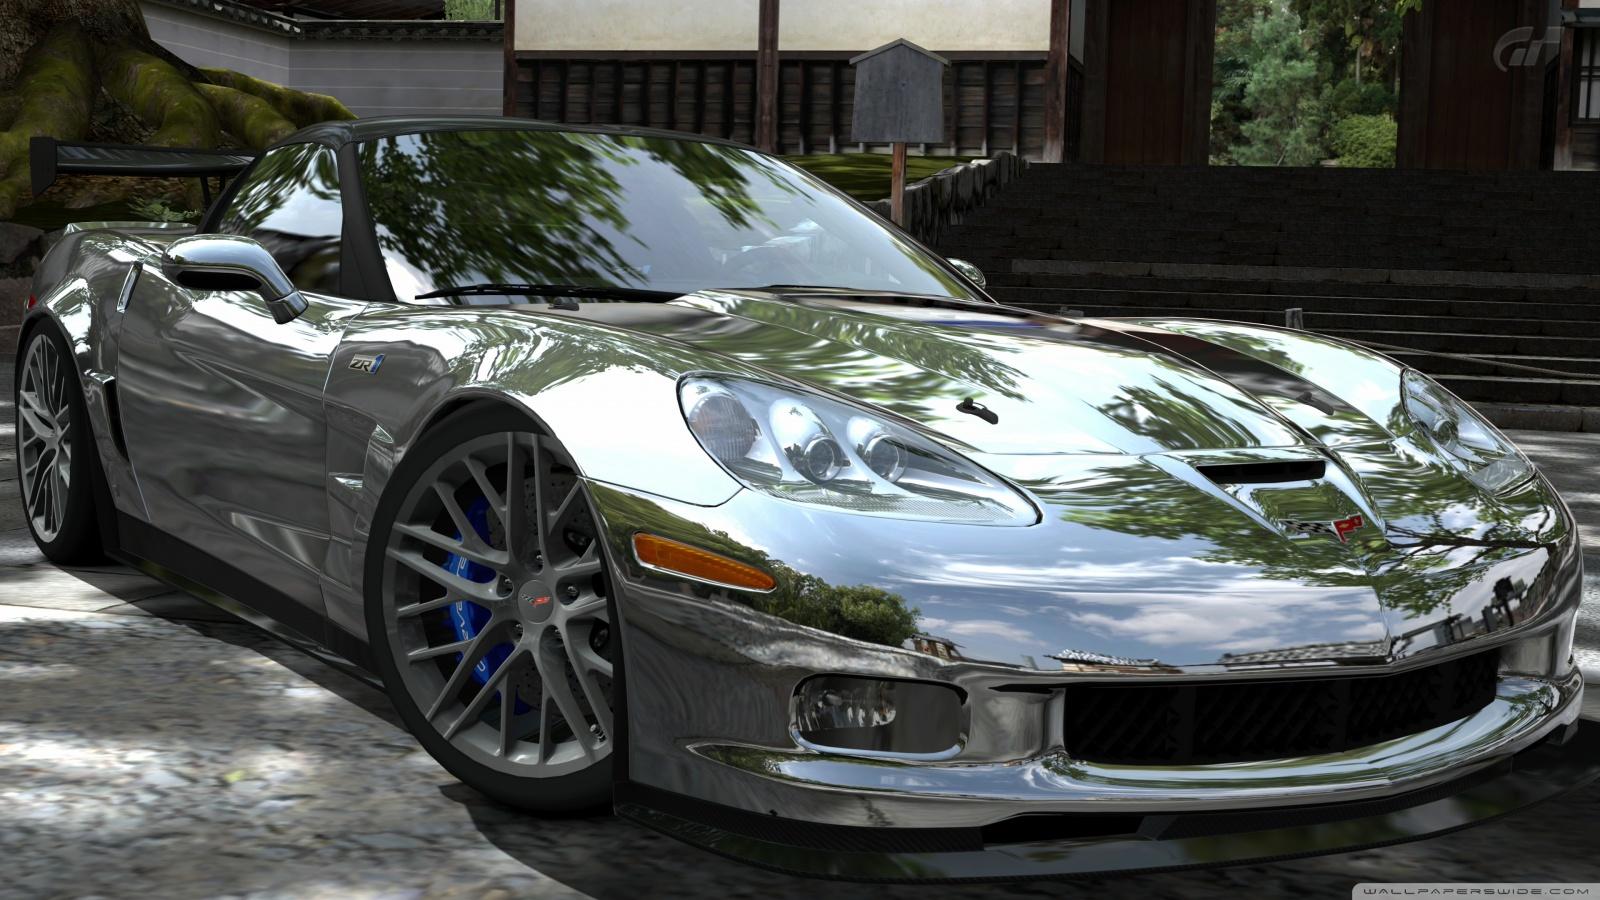 Pagani Zonda R Hd Wallpaper Corvette Zr1 Chrome 4k Hd Desktop Wallpaper For 4k Ultra